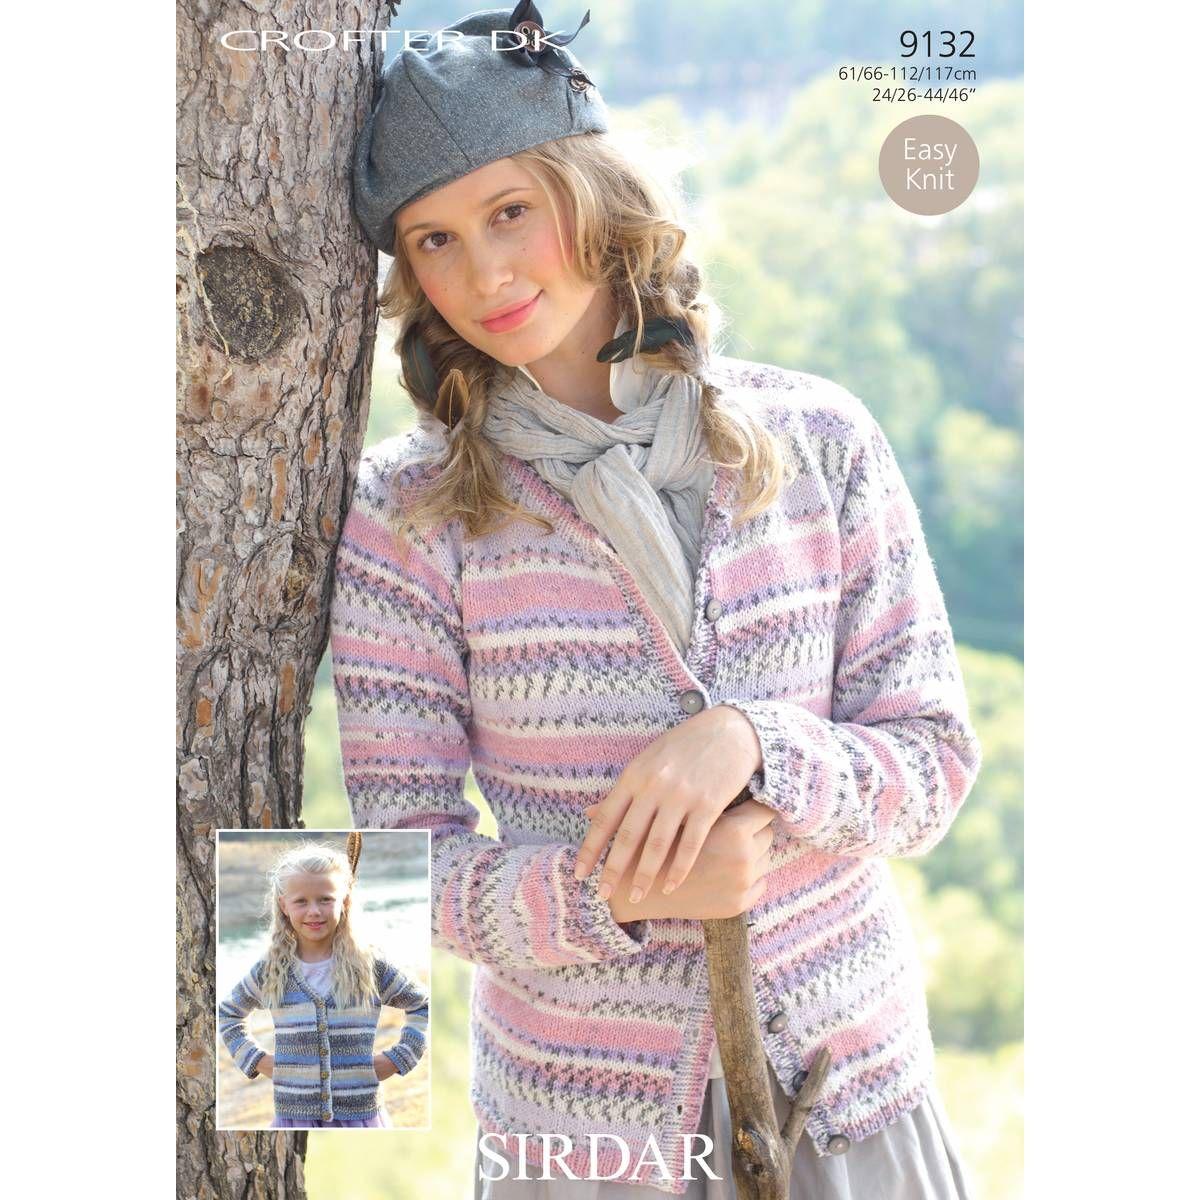 Free pattern knit sirdar crofter dk ladies cardigans hobbycraft free pattern knit sirdar crofter dk ladies cardigans hobbycraft bankloansurffo Choice Image